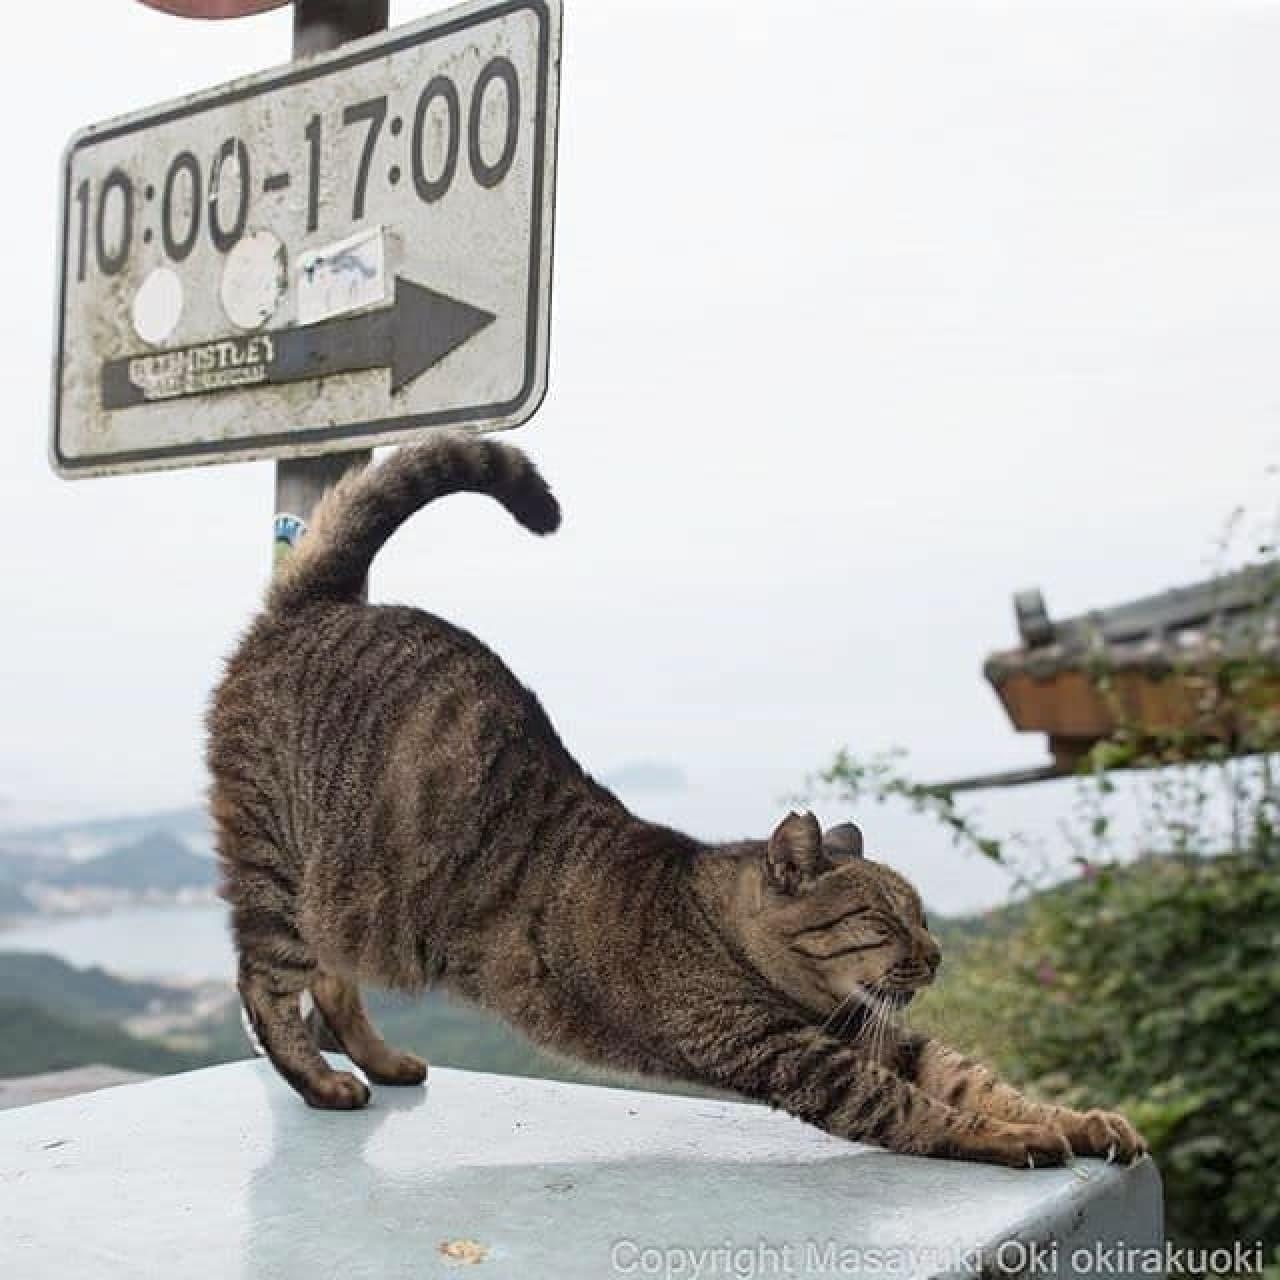 ネコ写真家沖昌之さんによる「残念すぎるネコ写真展」、2月9日スタート